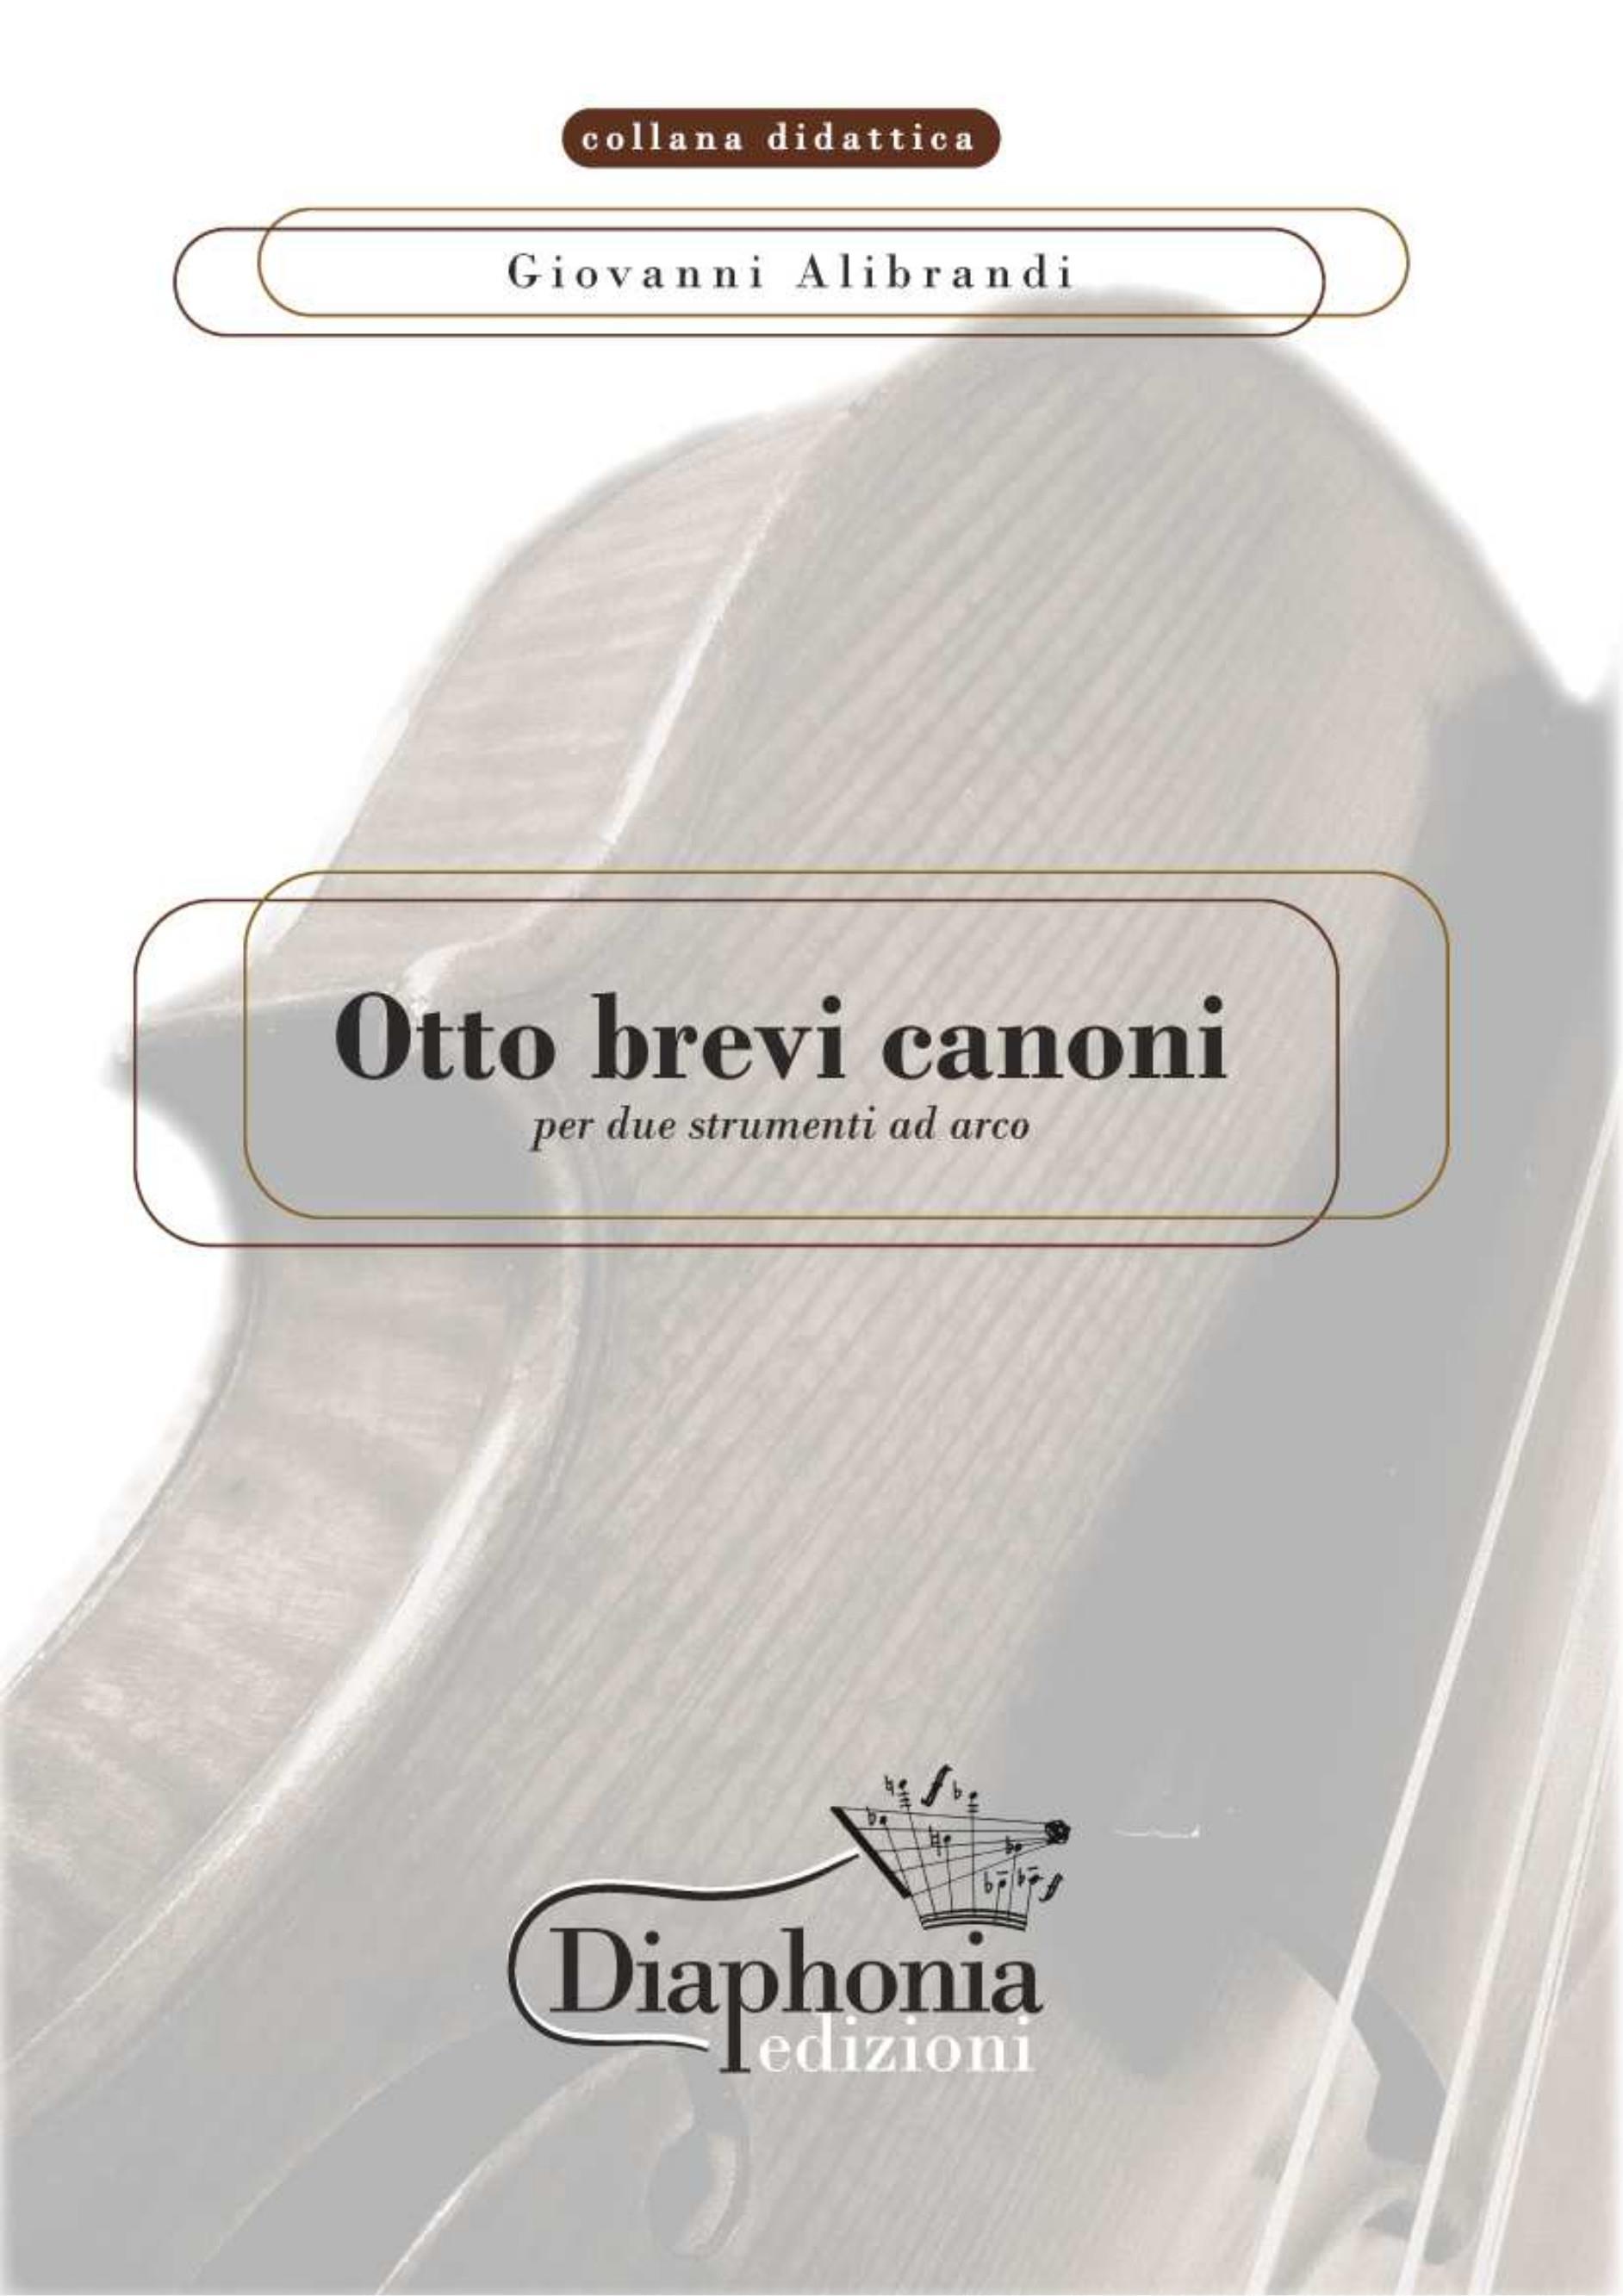 Otto brevi canoni